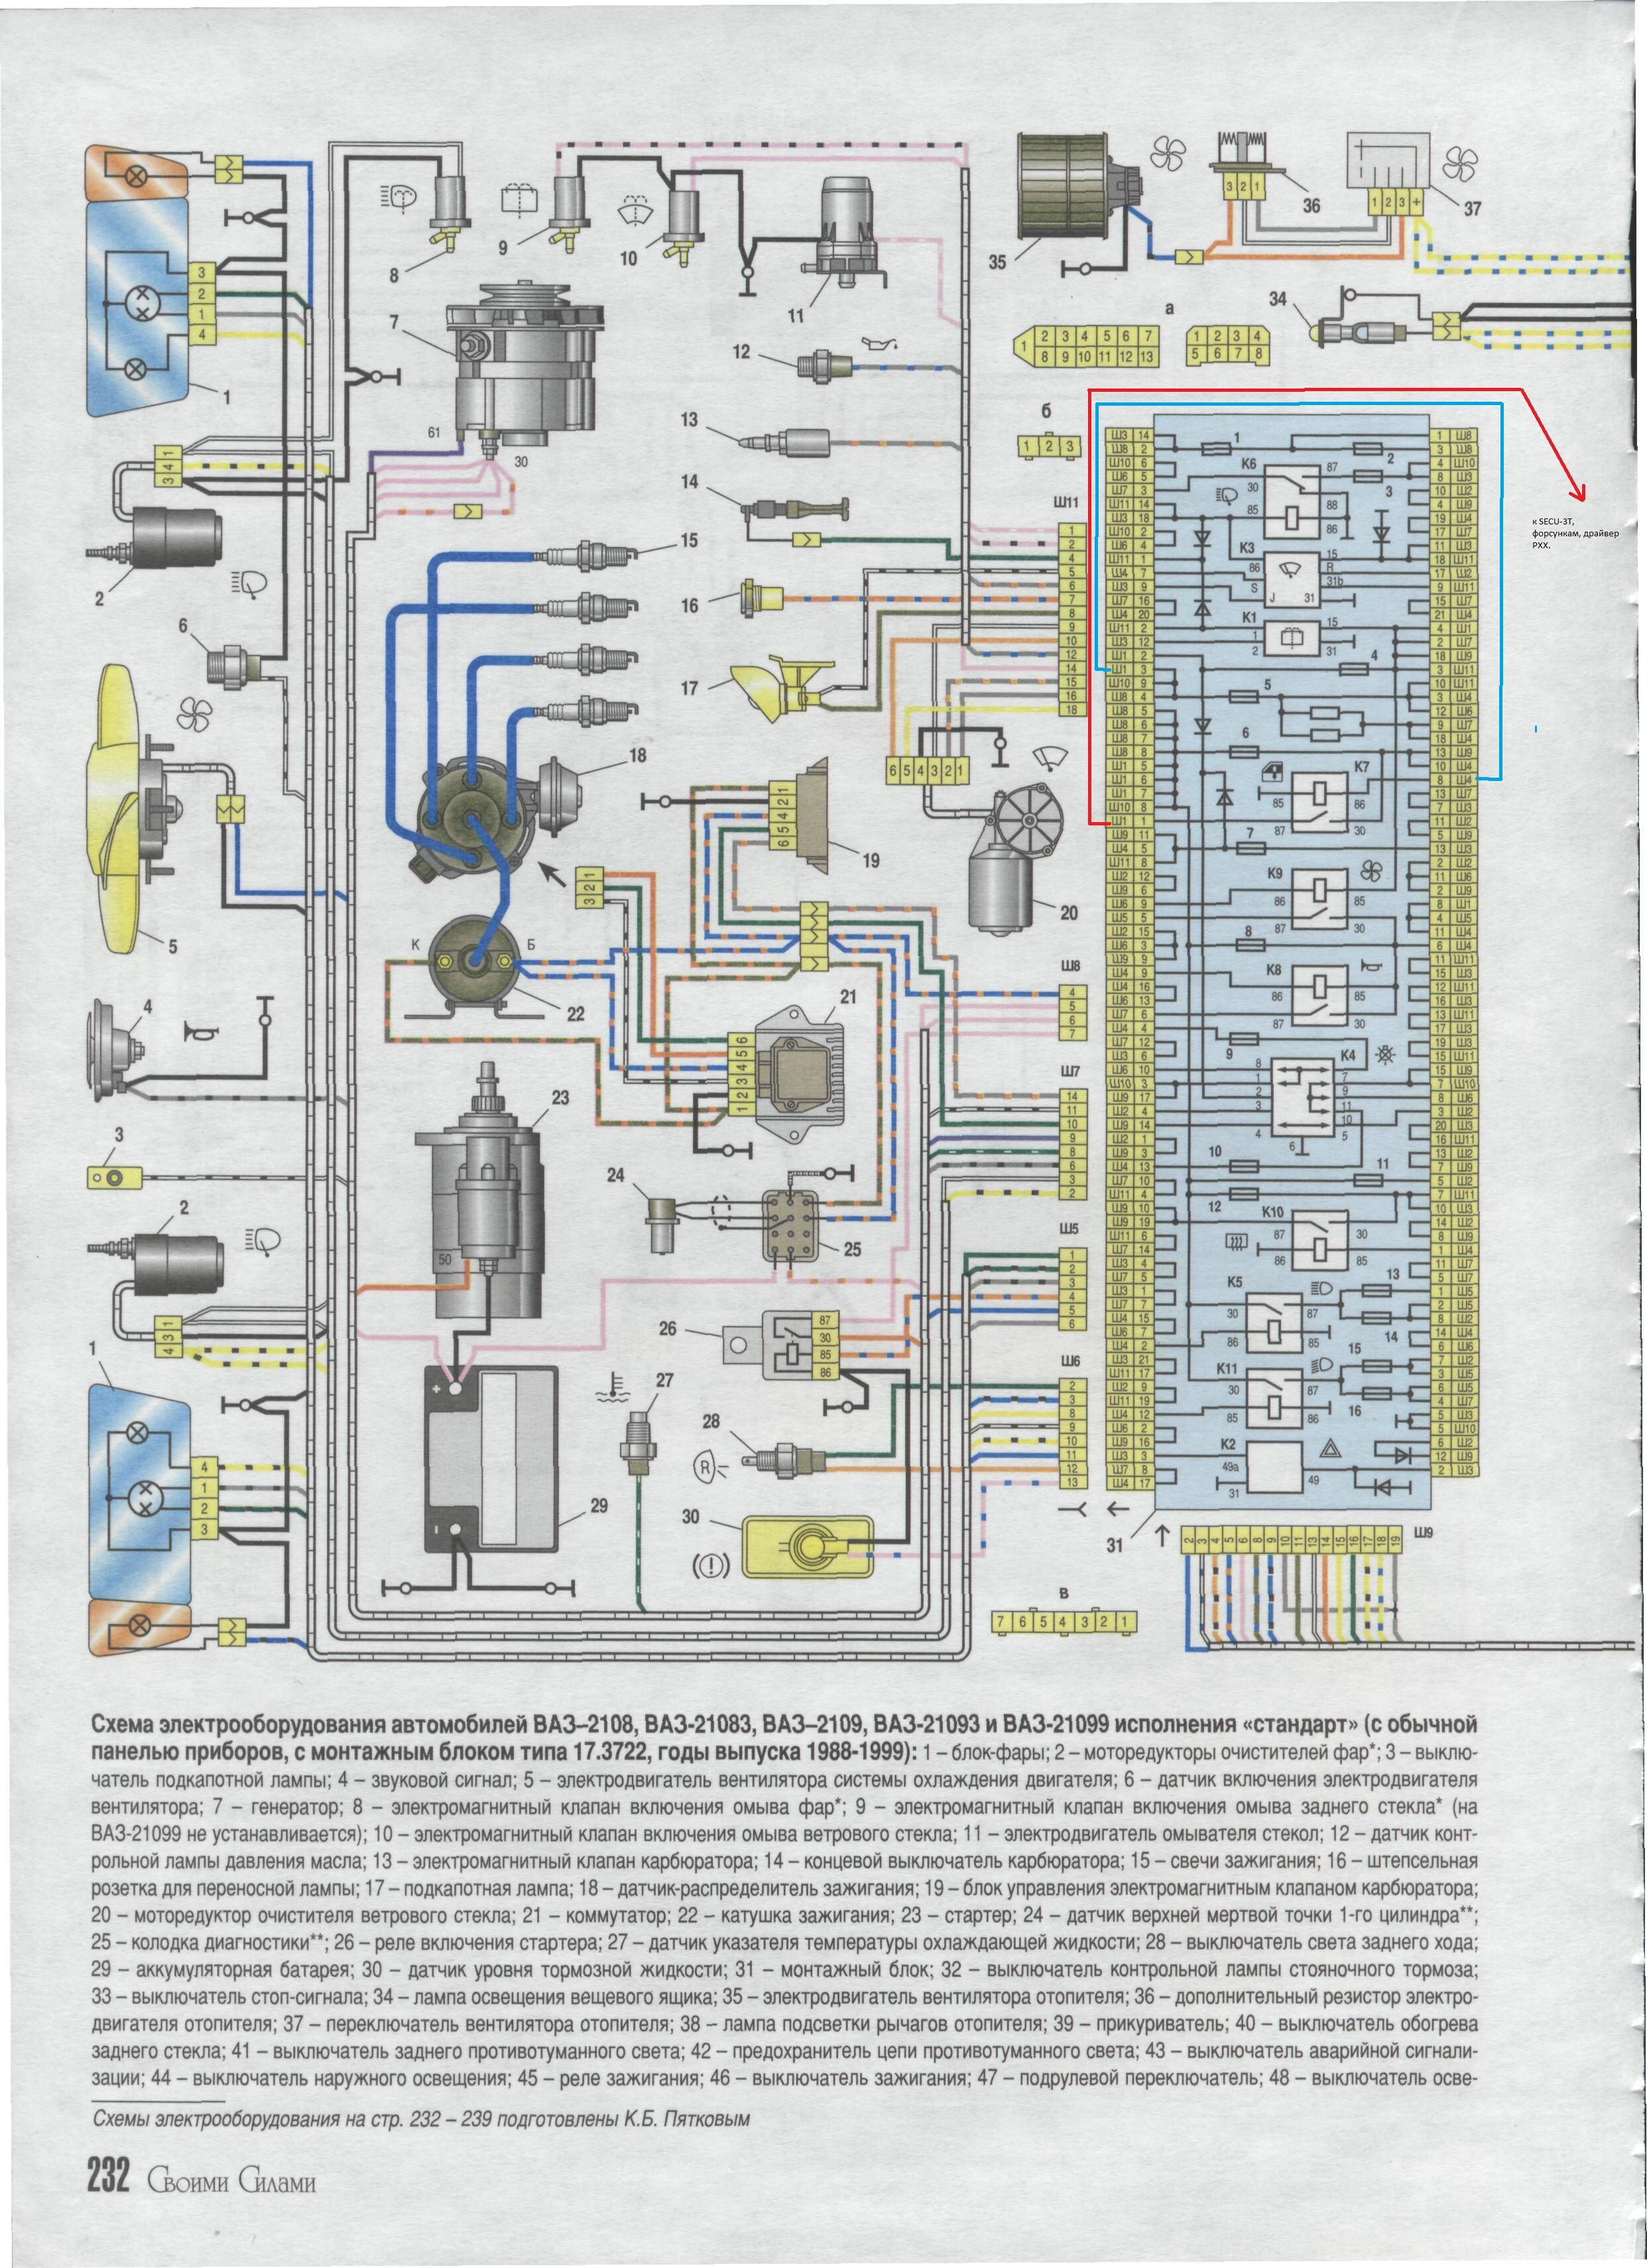 Электрическая схема ваз 2109 карбюратор низкая6